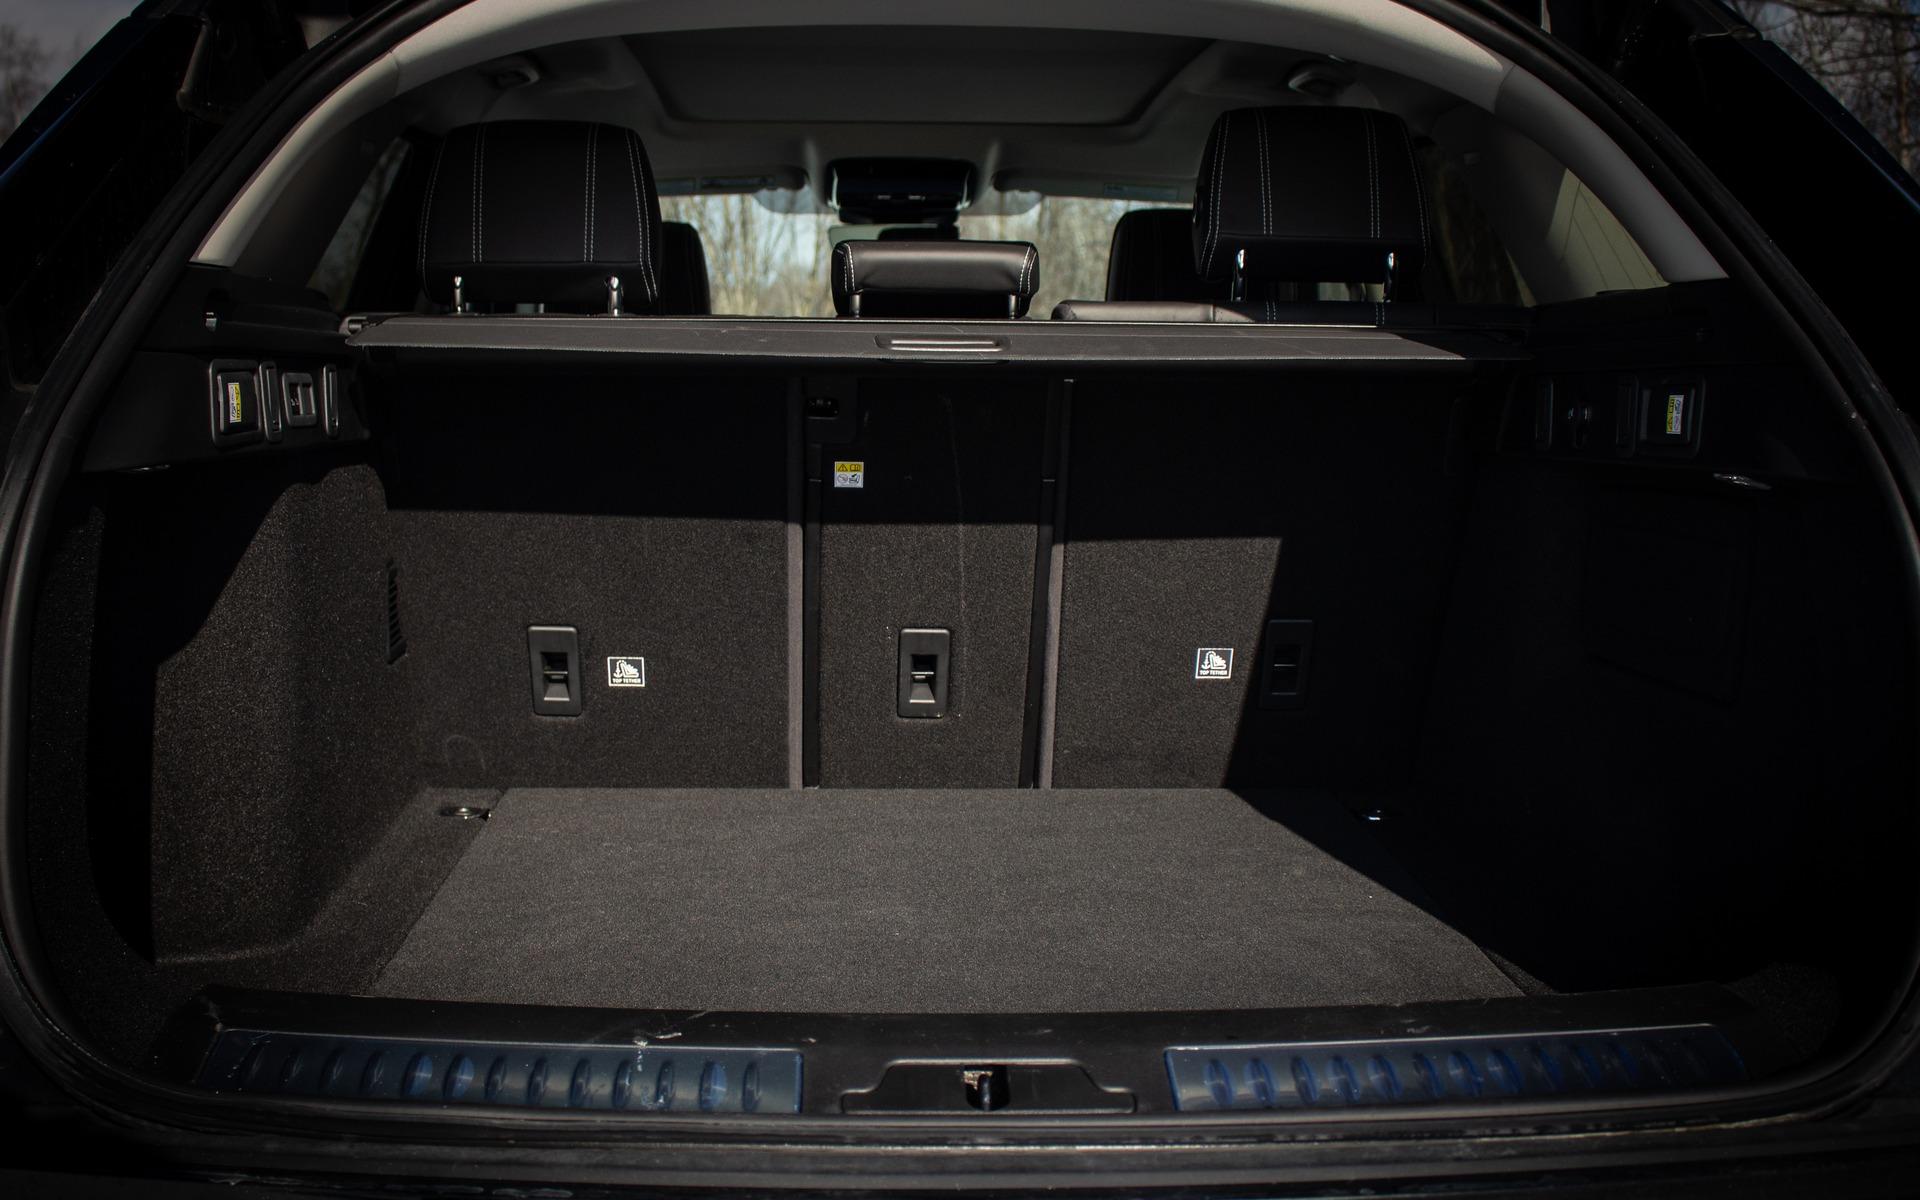 Range Rover Velar 2019 : battre la concurrence avec le style 365800_Range_Rover_Velar_2019_battre_la_concurrence_avec_le_style